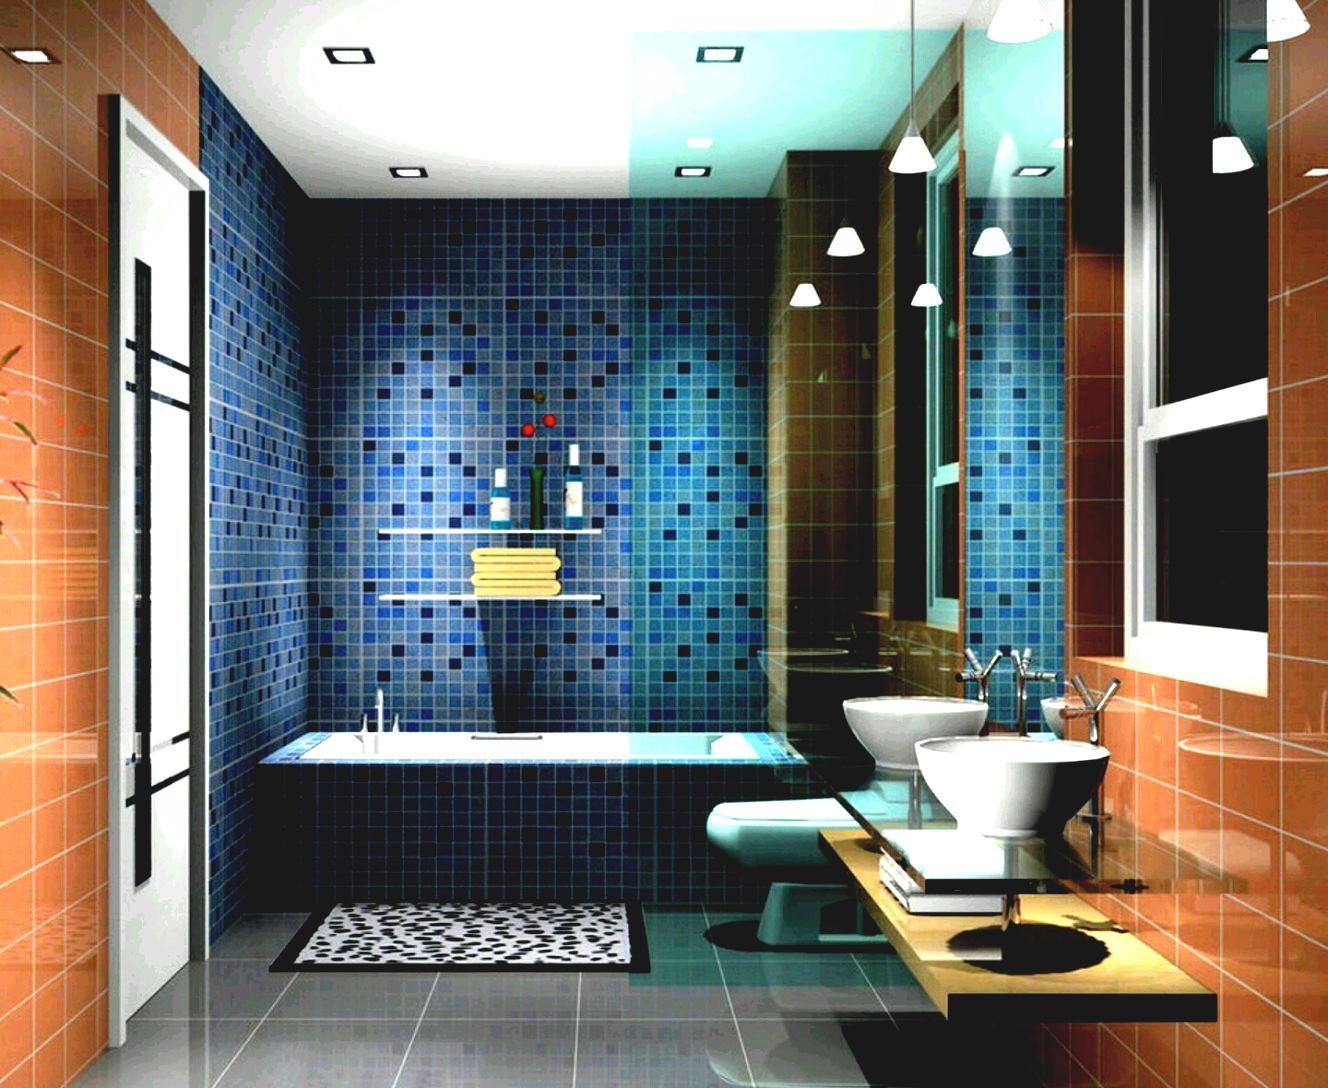 bathroom-style-fresh-modern-bathroom-ideas-tiled-bathroom-ideas